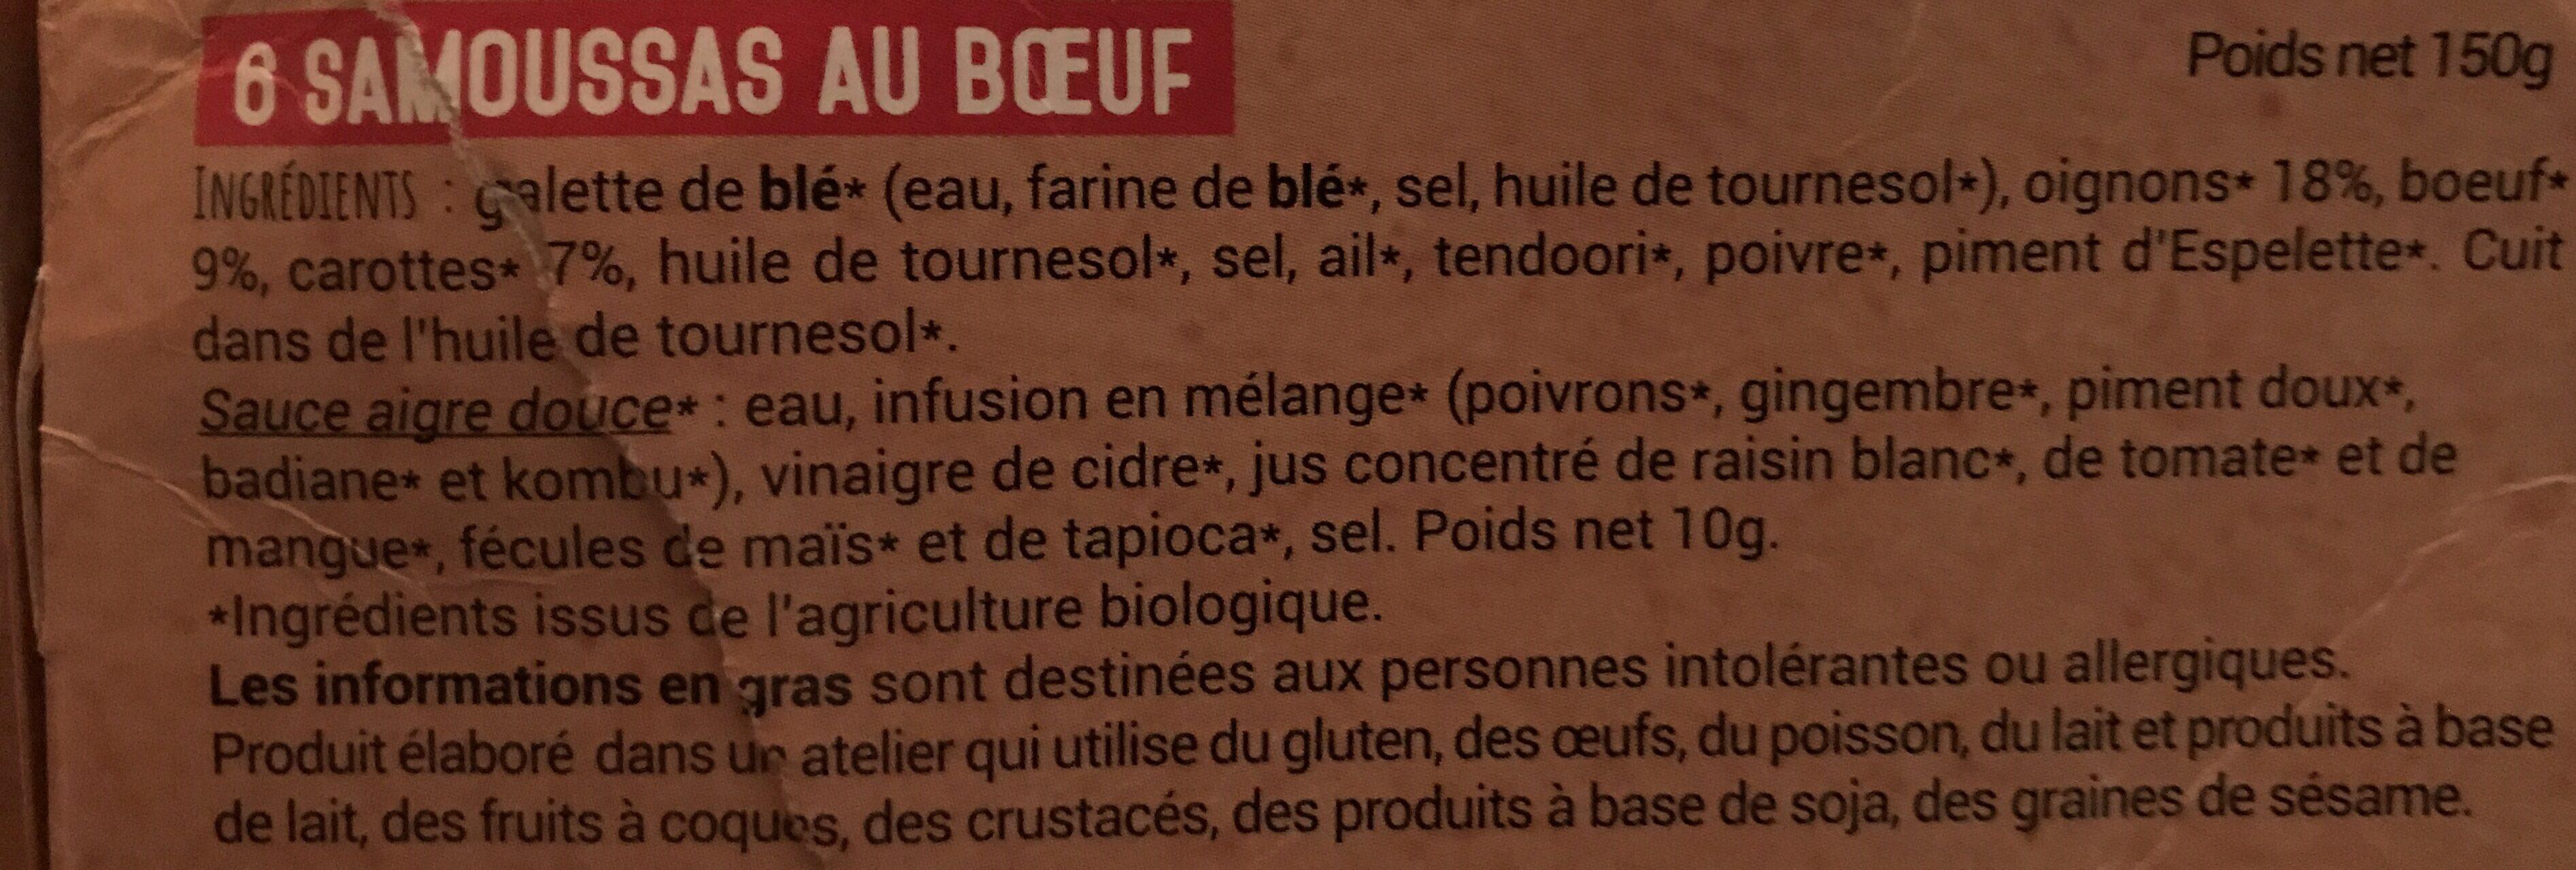 Samoussas au bœuf - Ingrédients - fr